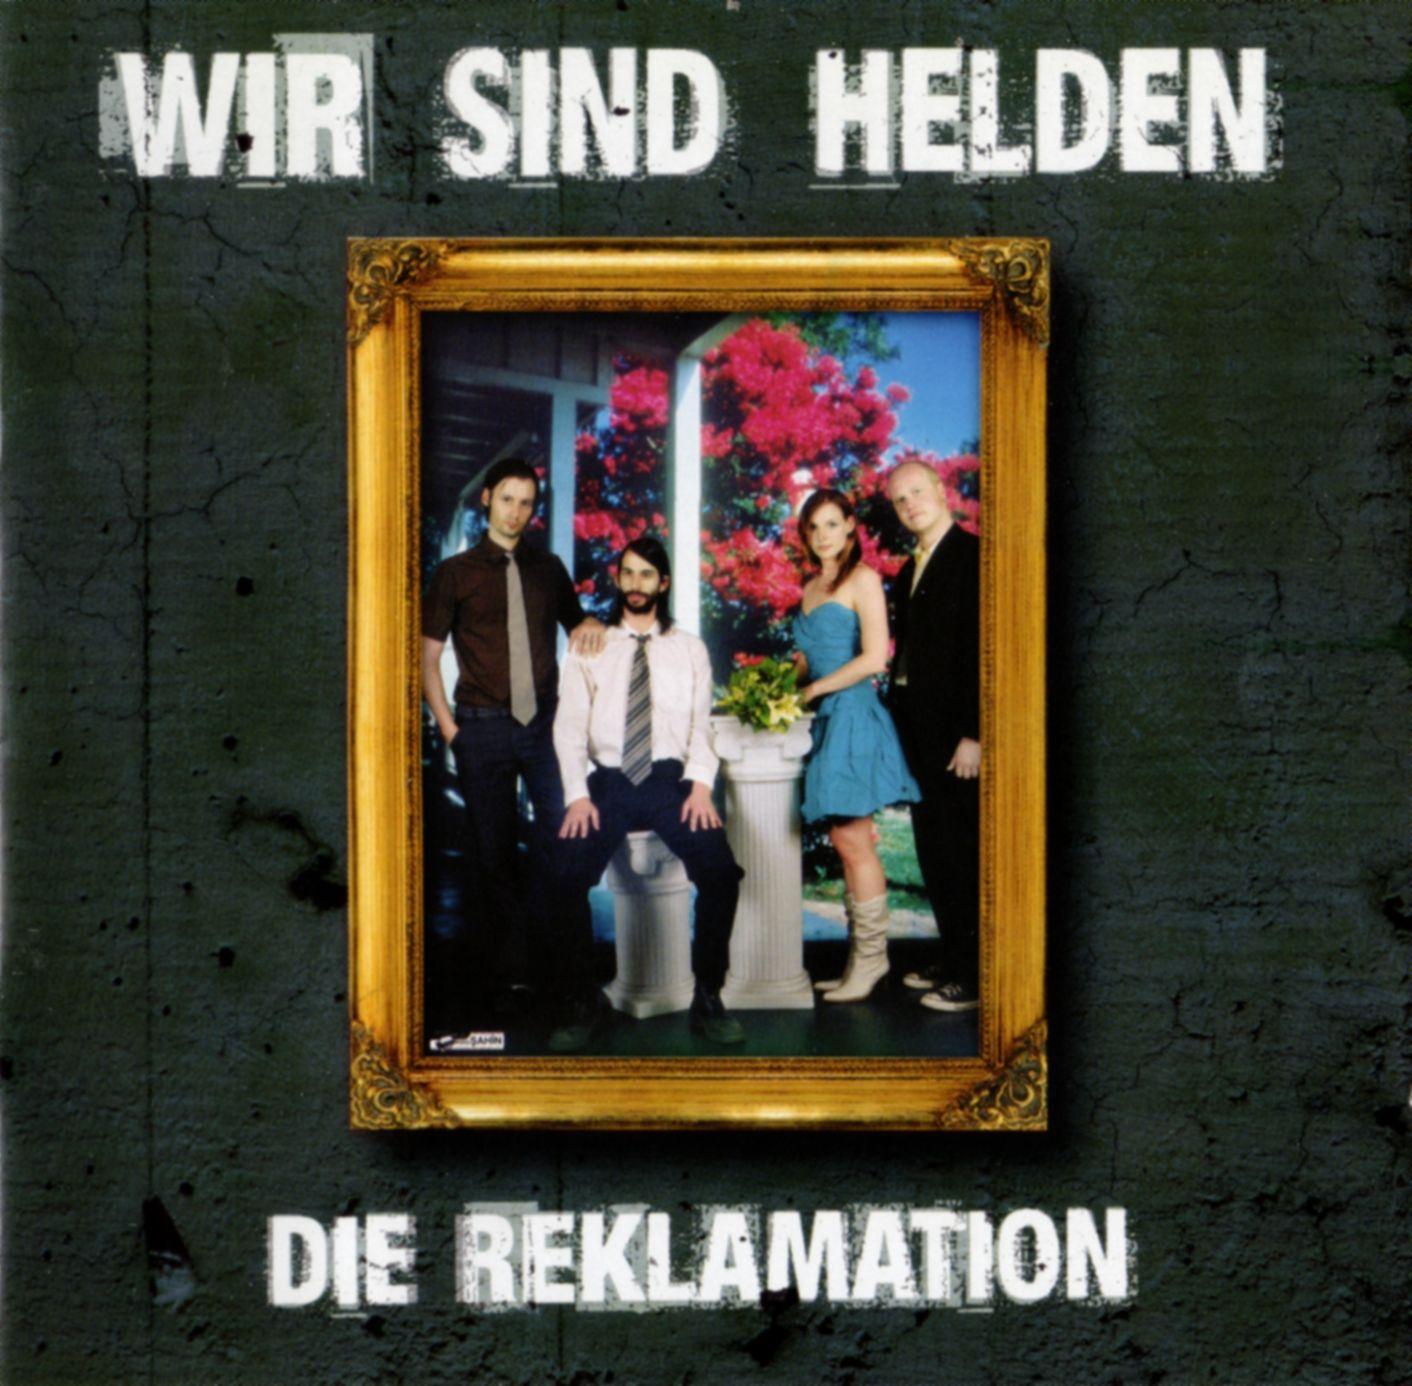 Wir Sind Helden - Die Reklamation album cover